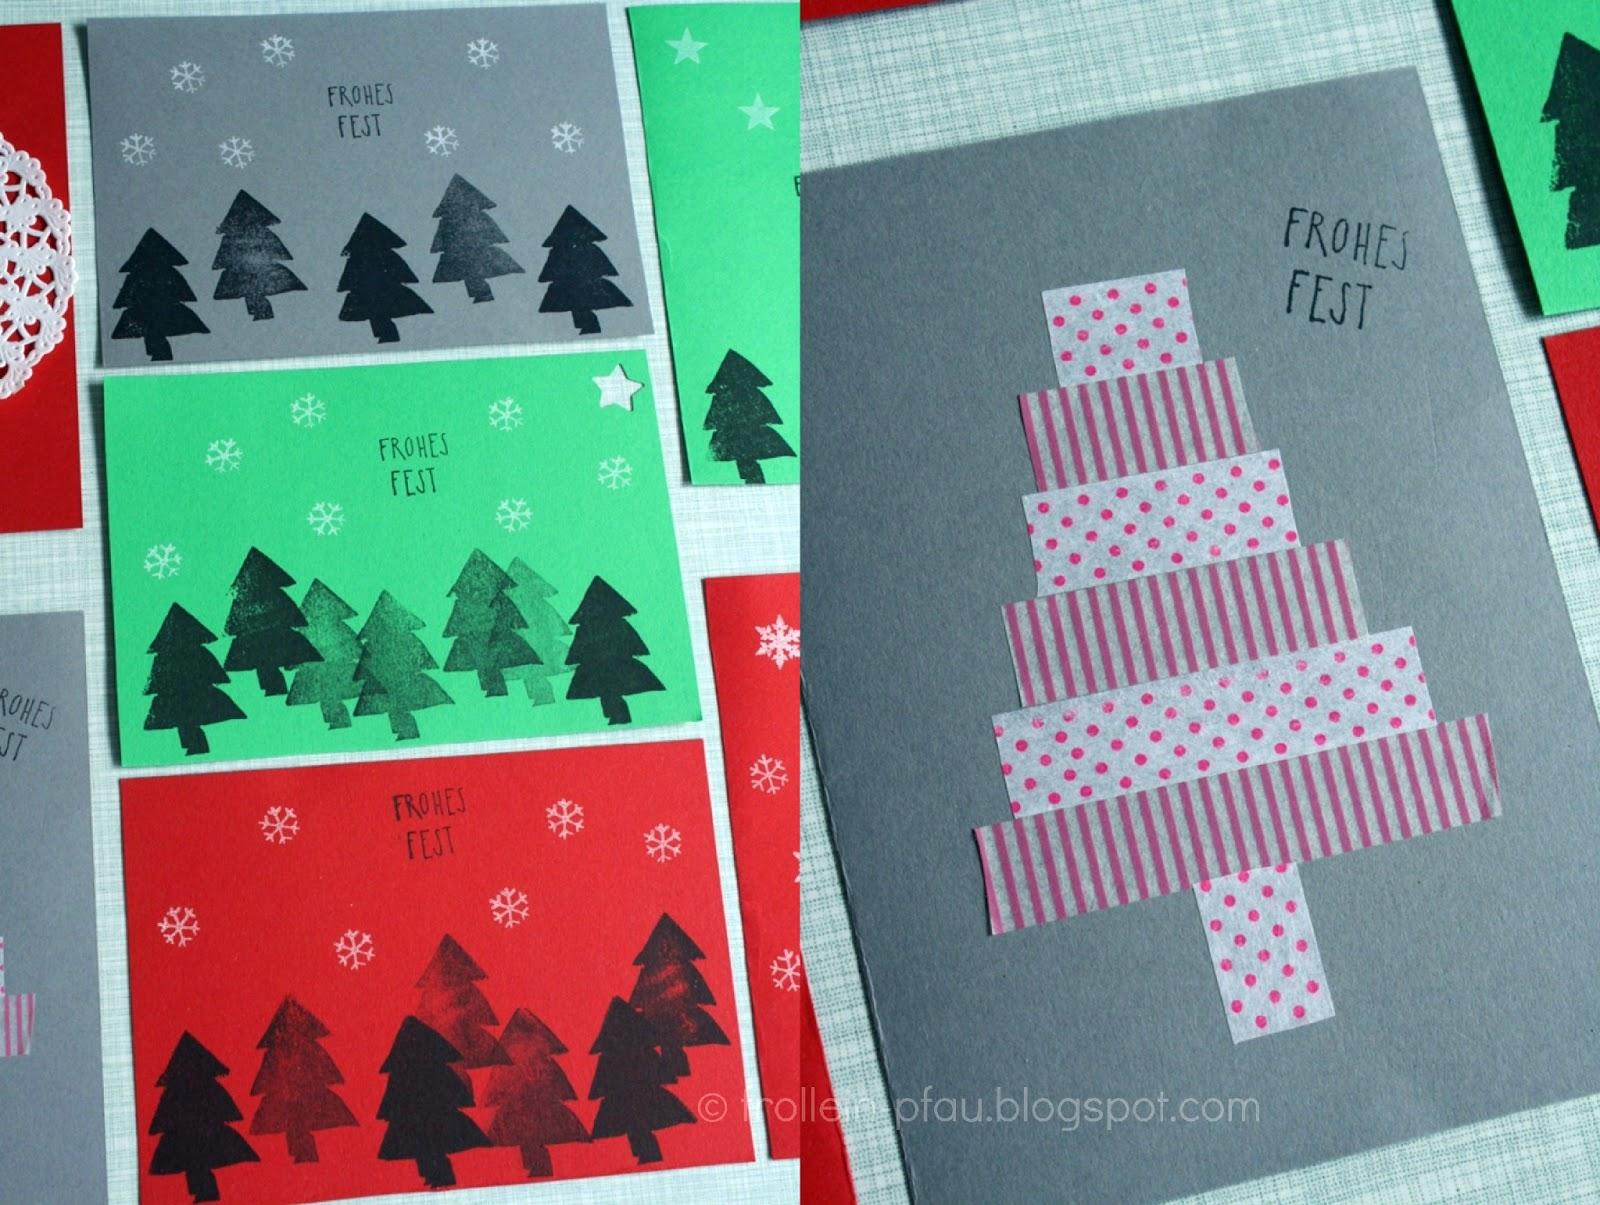 Frollein pfau weihnachtskarten selbstgemacht diy - Weihnachtskarten kreativ ...